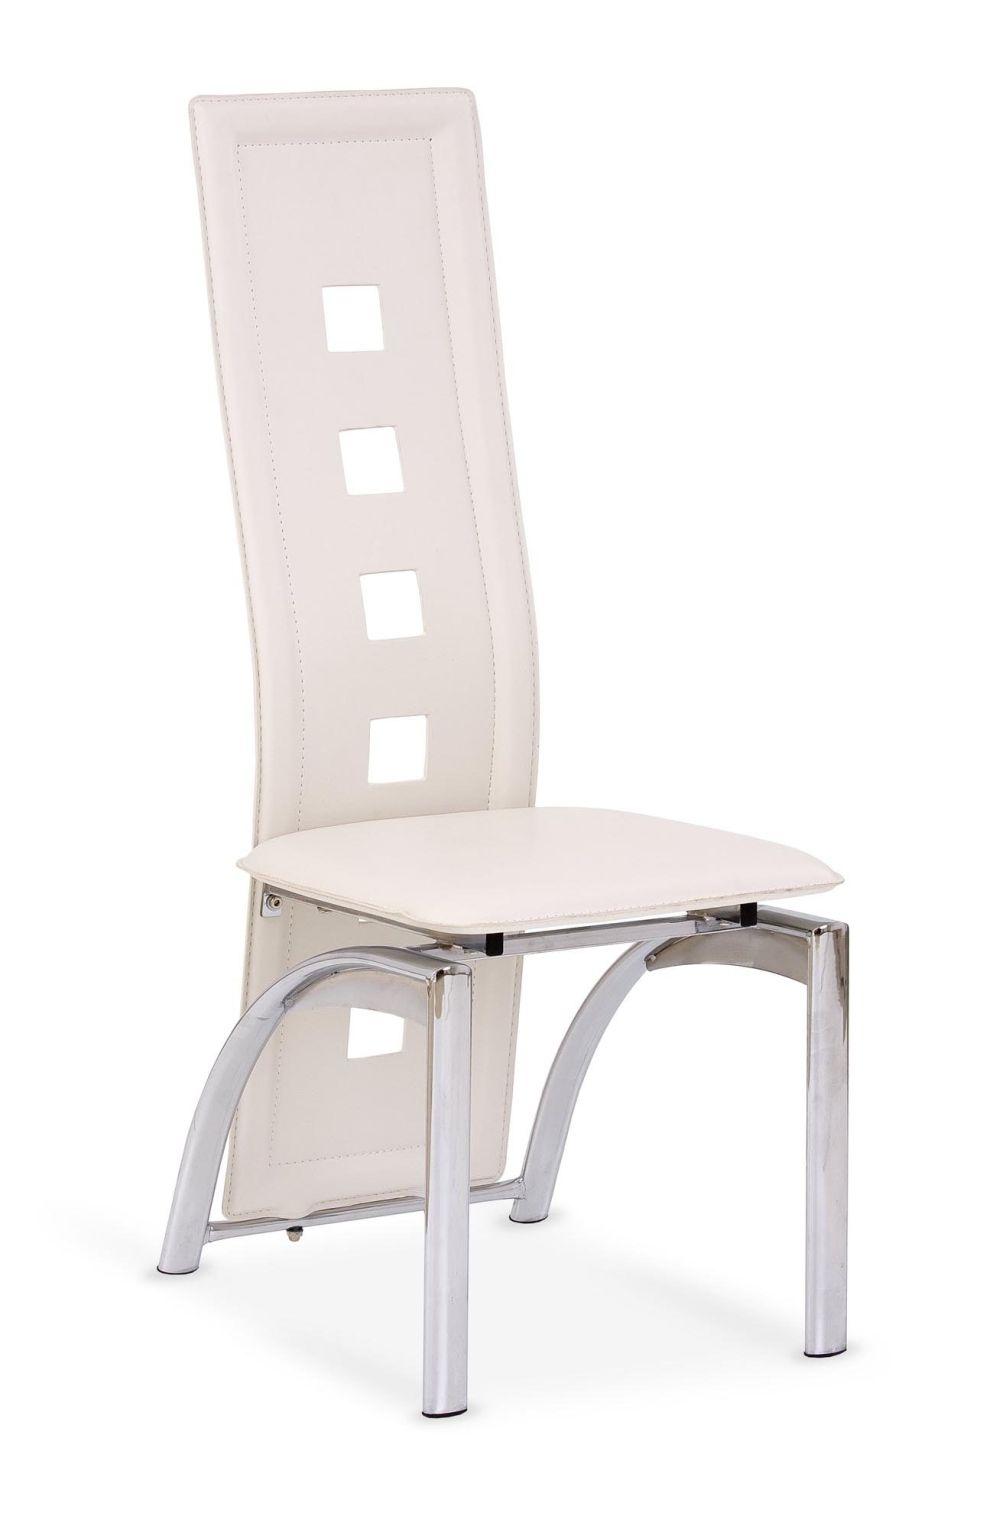 K-4 krzesło 21